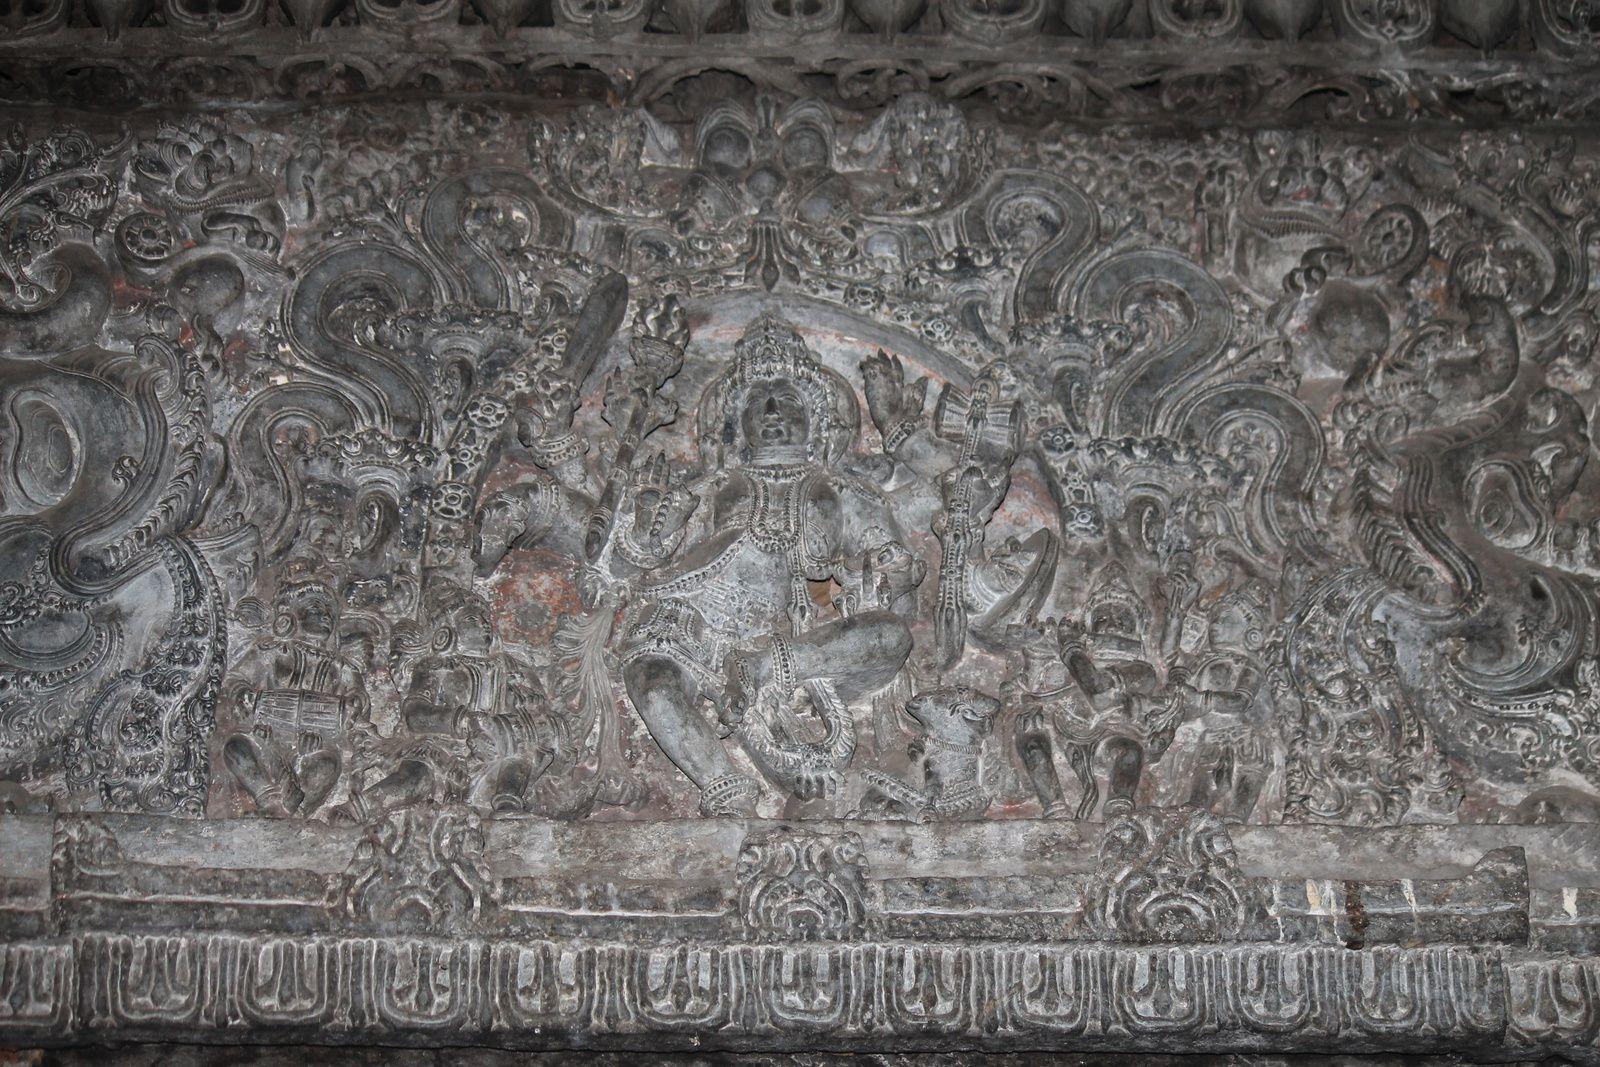 Vous avez un beau GANESH, un petit Nandi et un lingam à l'intérieur  et à l'extérieur du sanctuaire, un énorme Nandi monolithique dans un autre sanctuaire